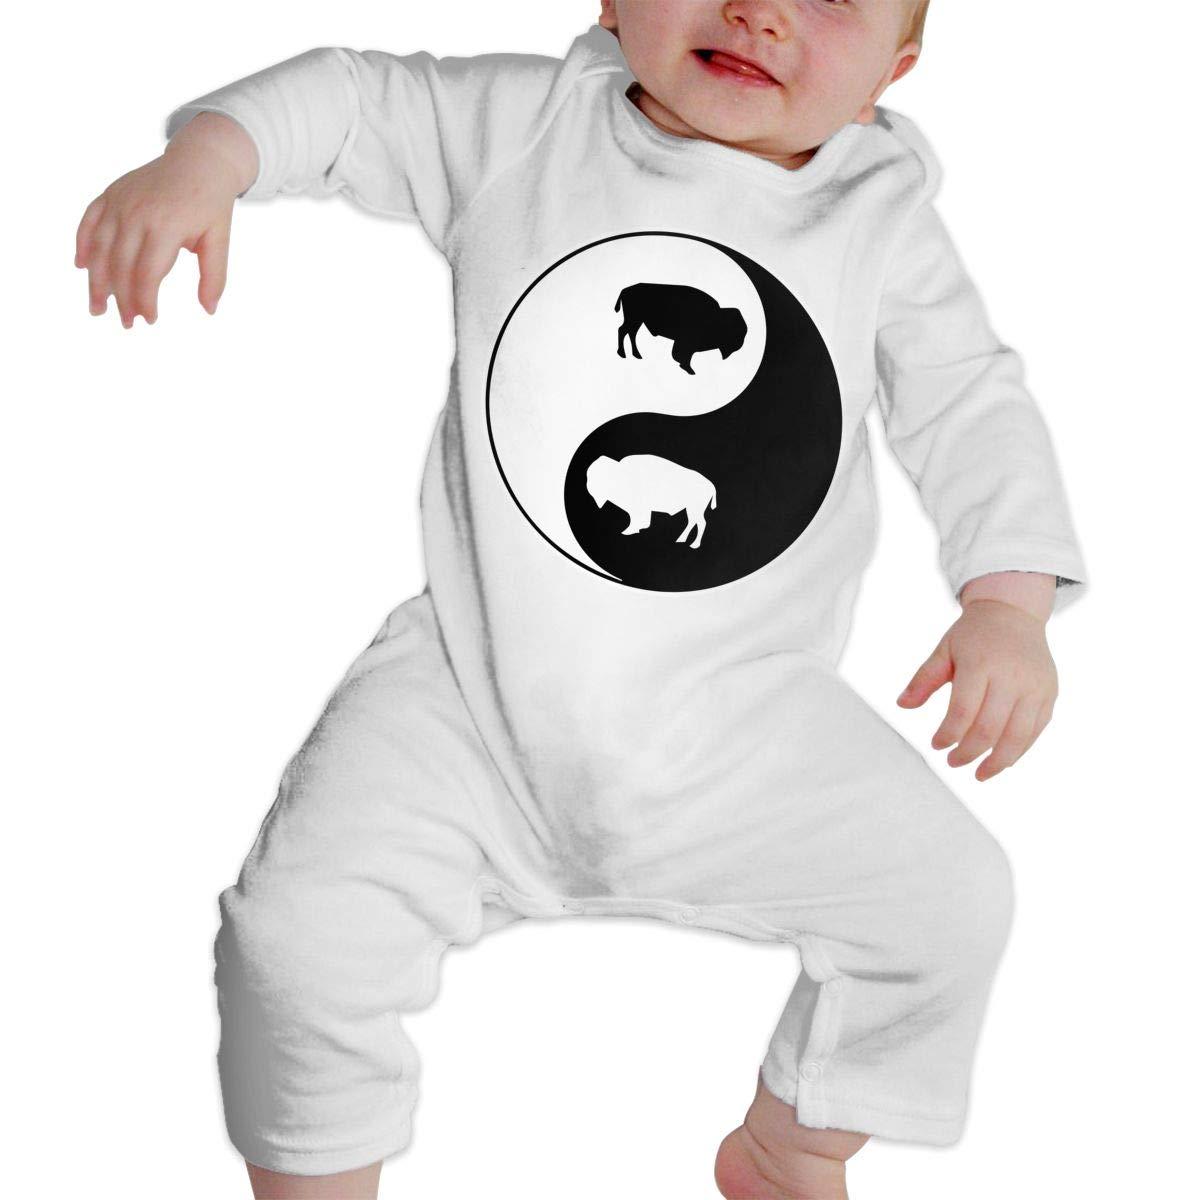 Yin Yang Bison-1 Infant Baby Girl Boys Soft /& Breathable Romper Jumpsuit Bodysuit